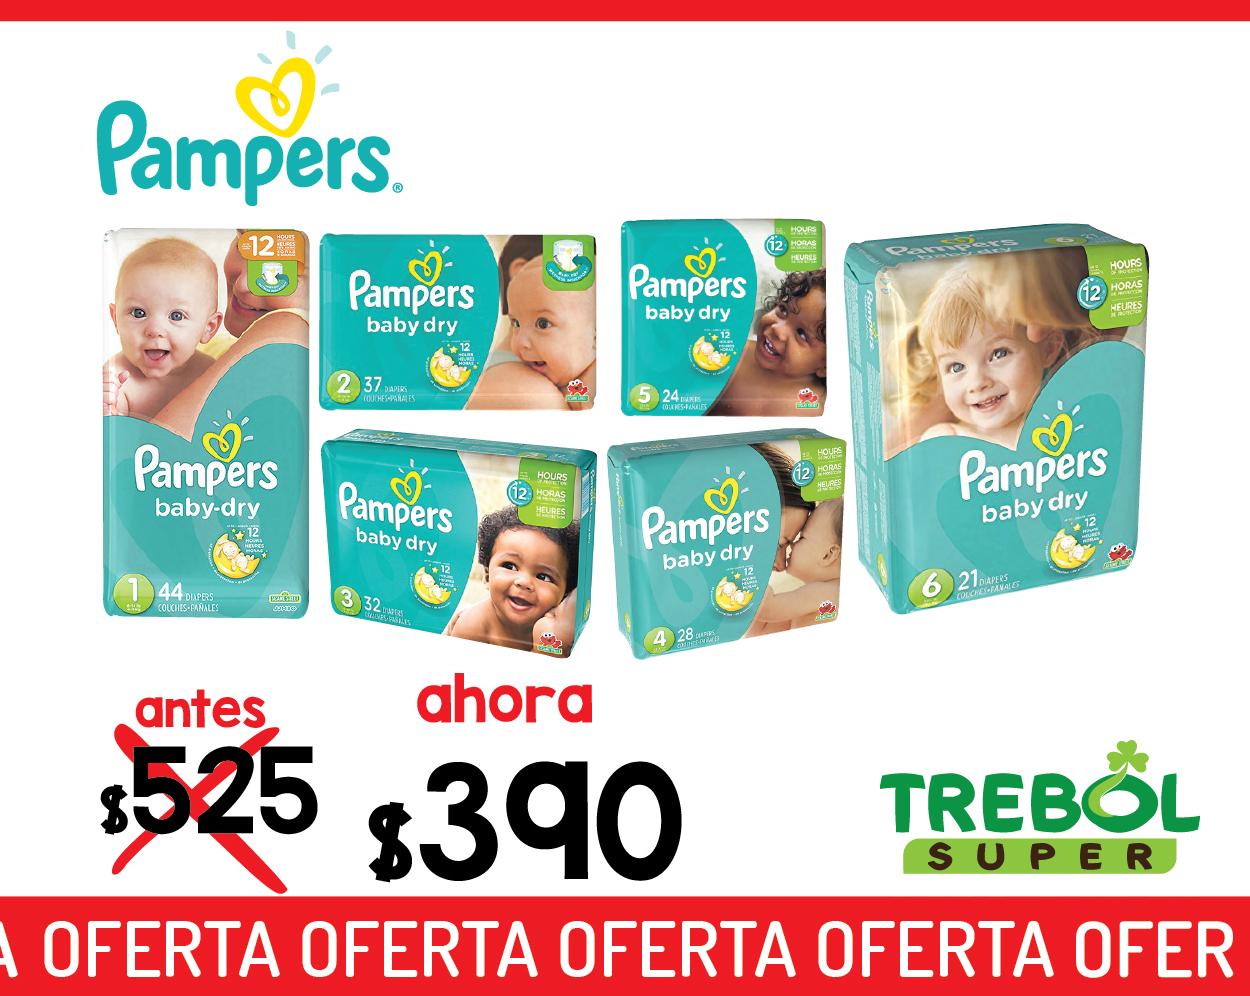 pamper-baby-dry